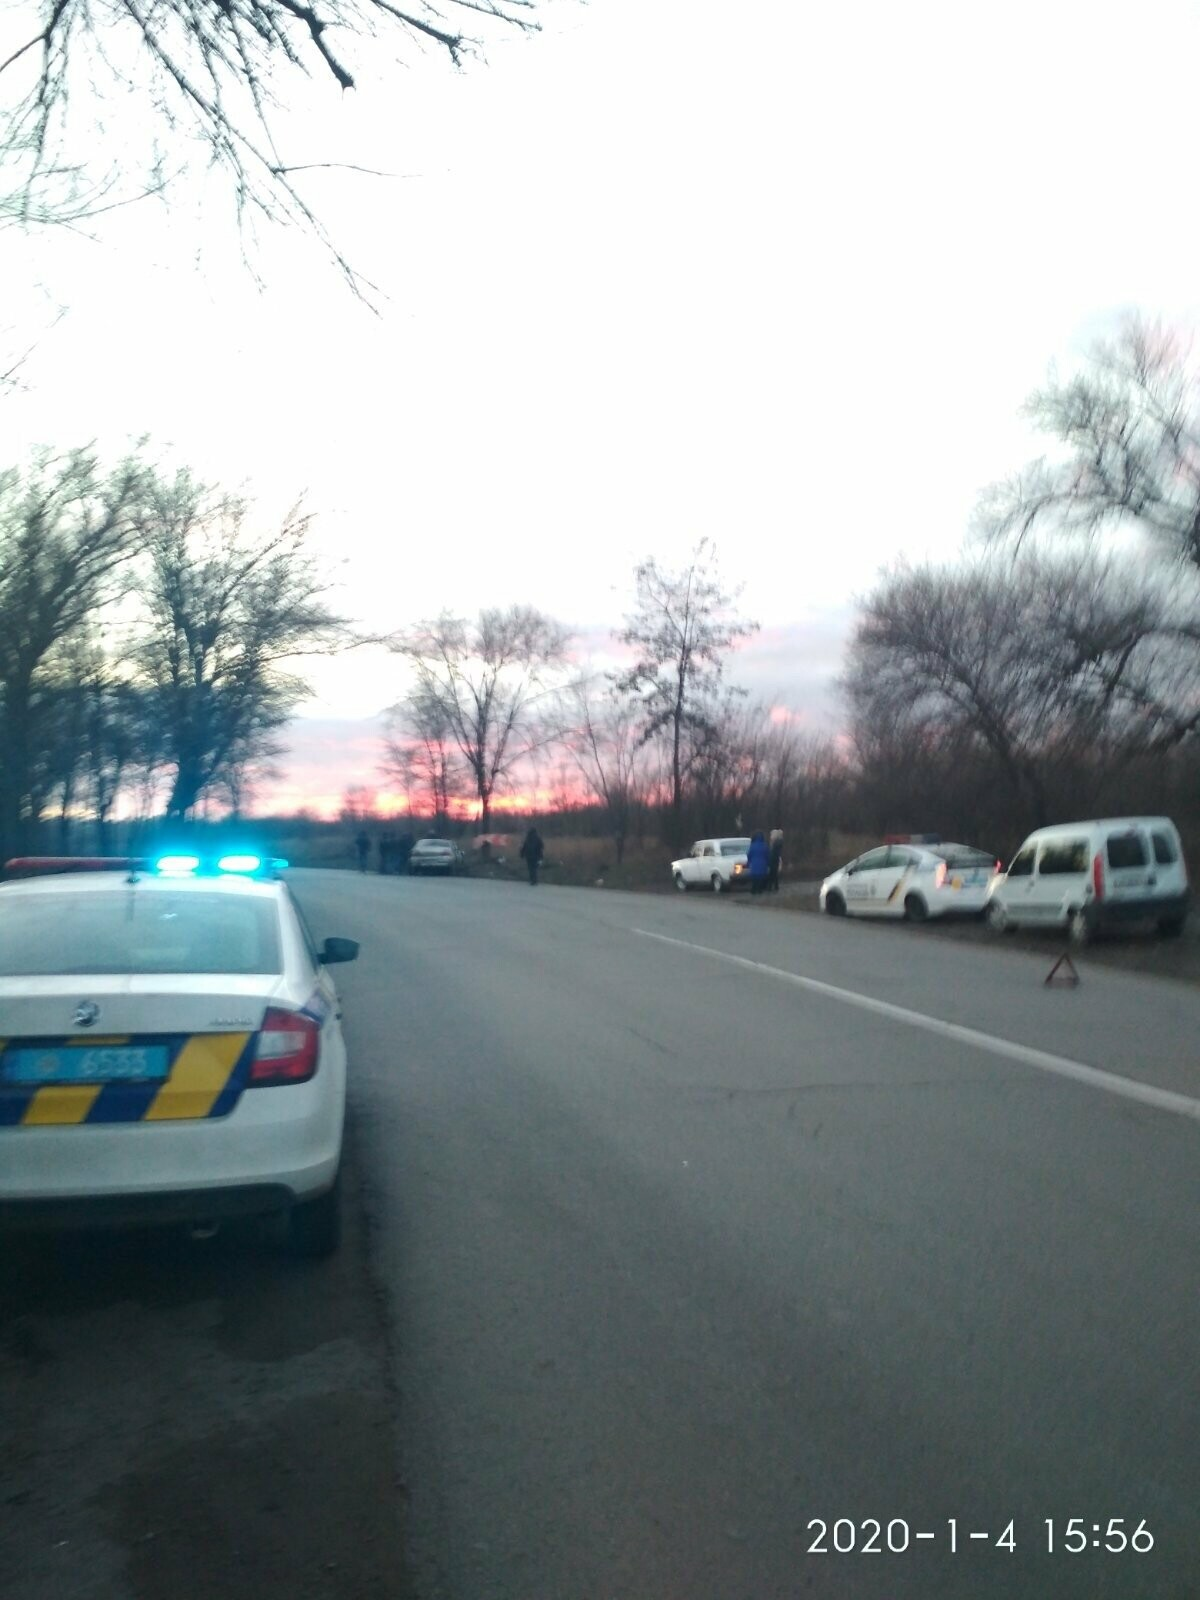 В Мариуполе на ул. Тополиной автомобиль влетел в дерево. Пострадали 4 человека, - ФОТО, фото-6